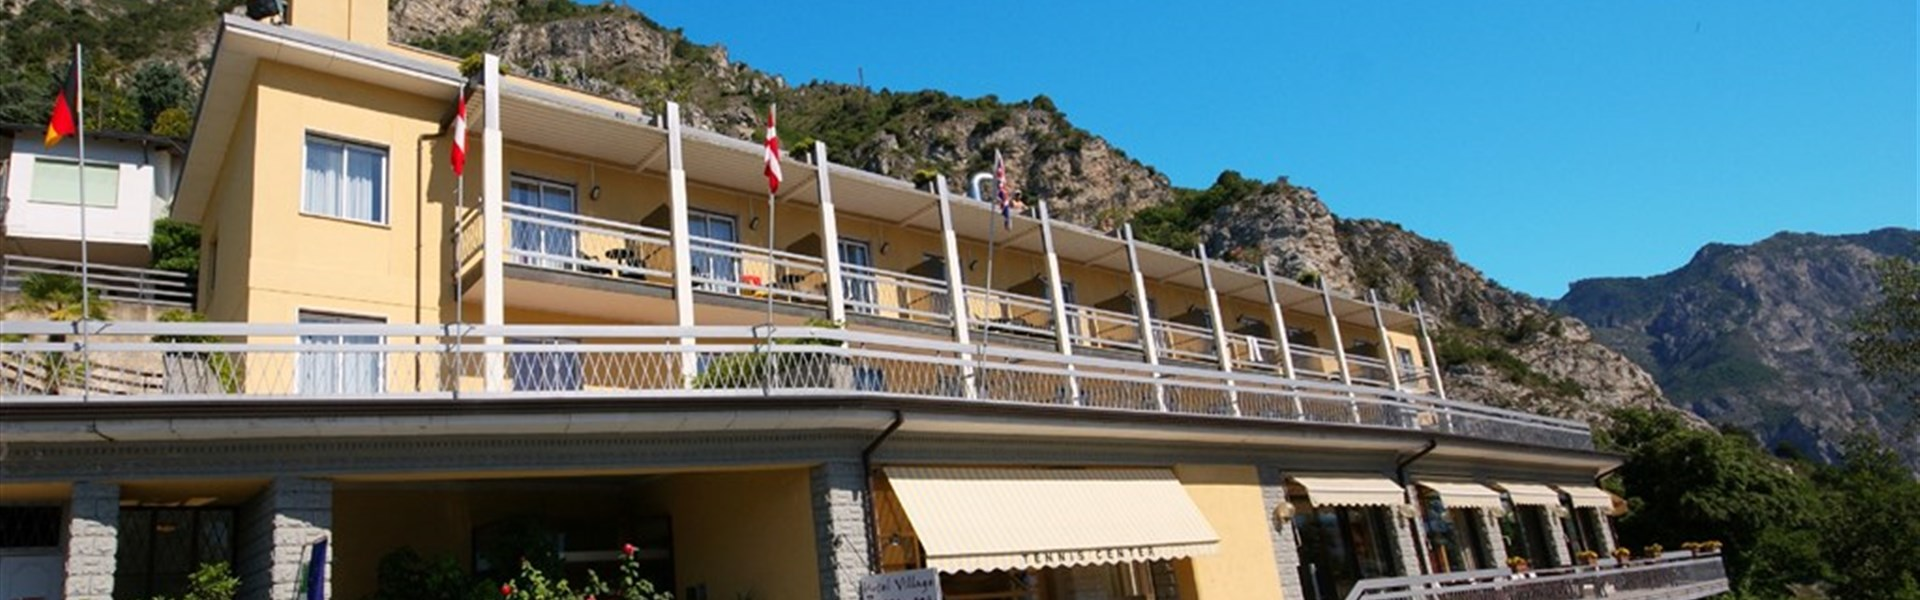 Hotel Bazzanega -